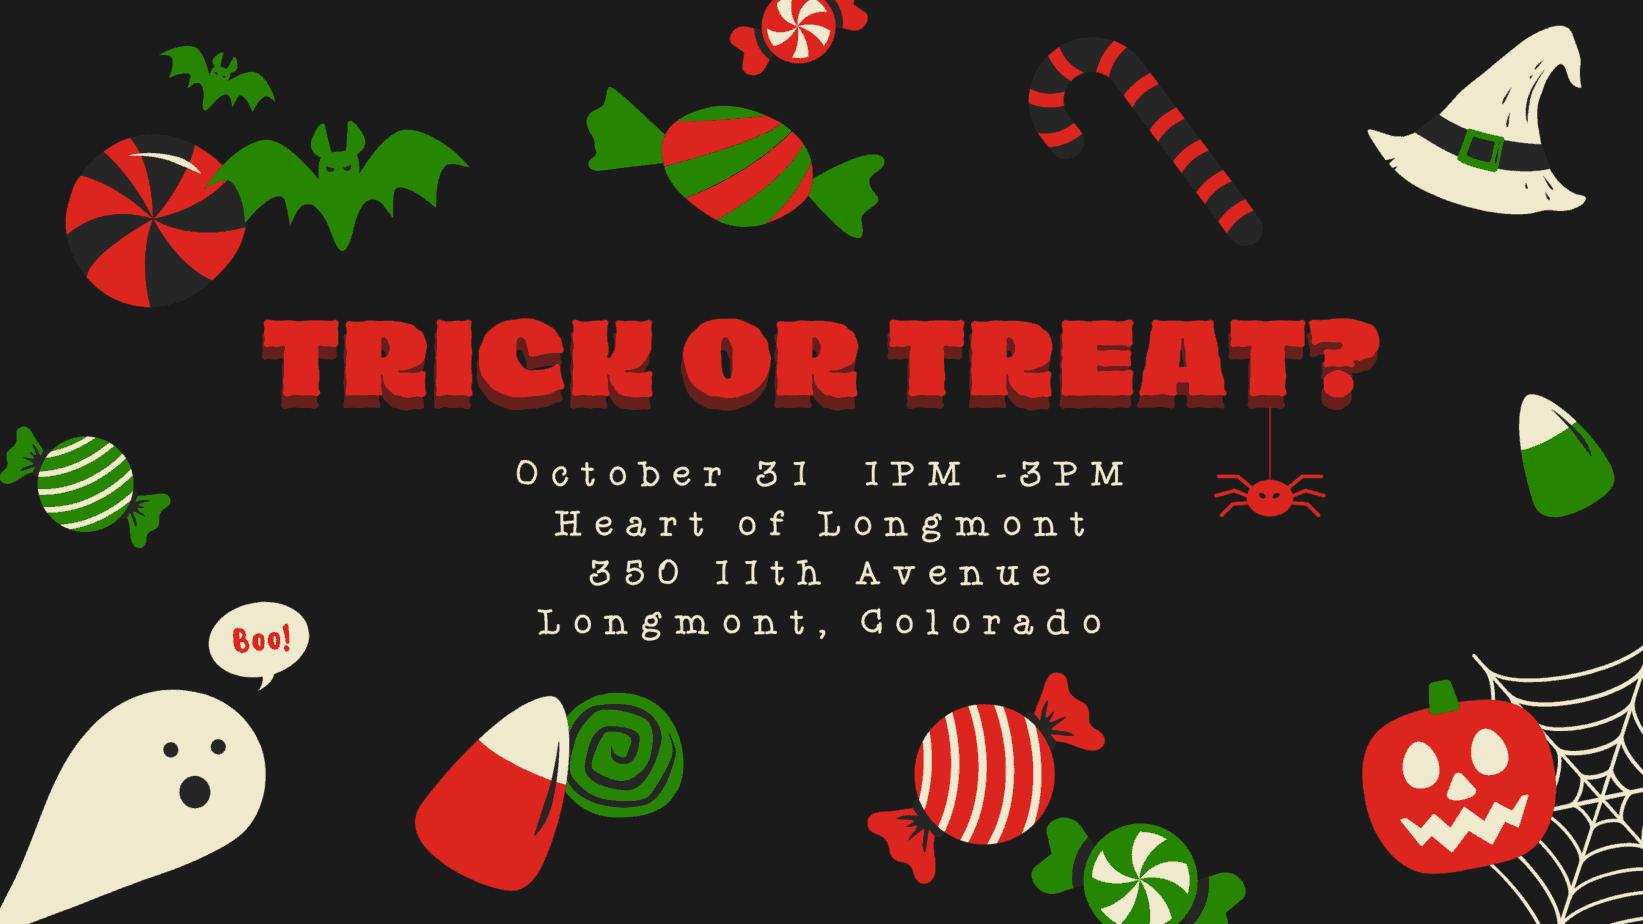 Halloween In Longmont Oct 31 2020 Halloween Trick or Treat Event   Heart of Longmont